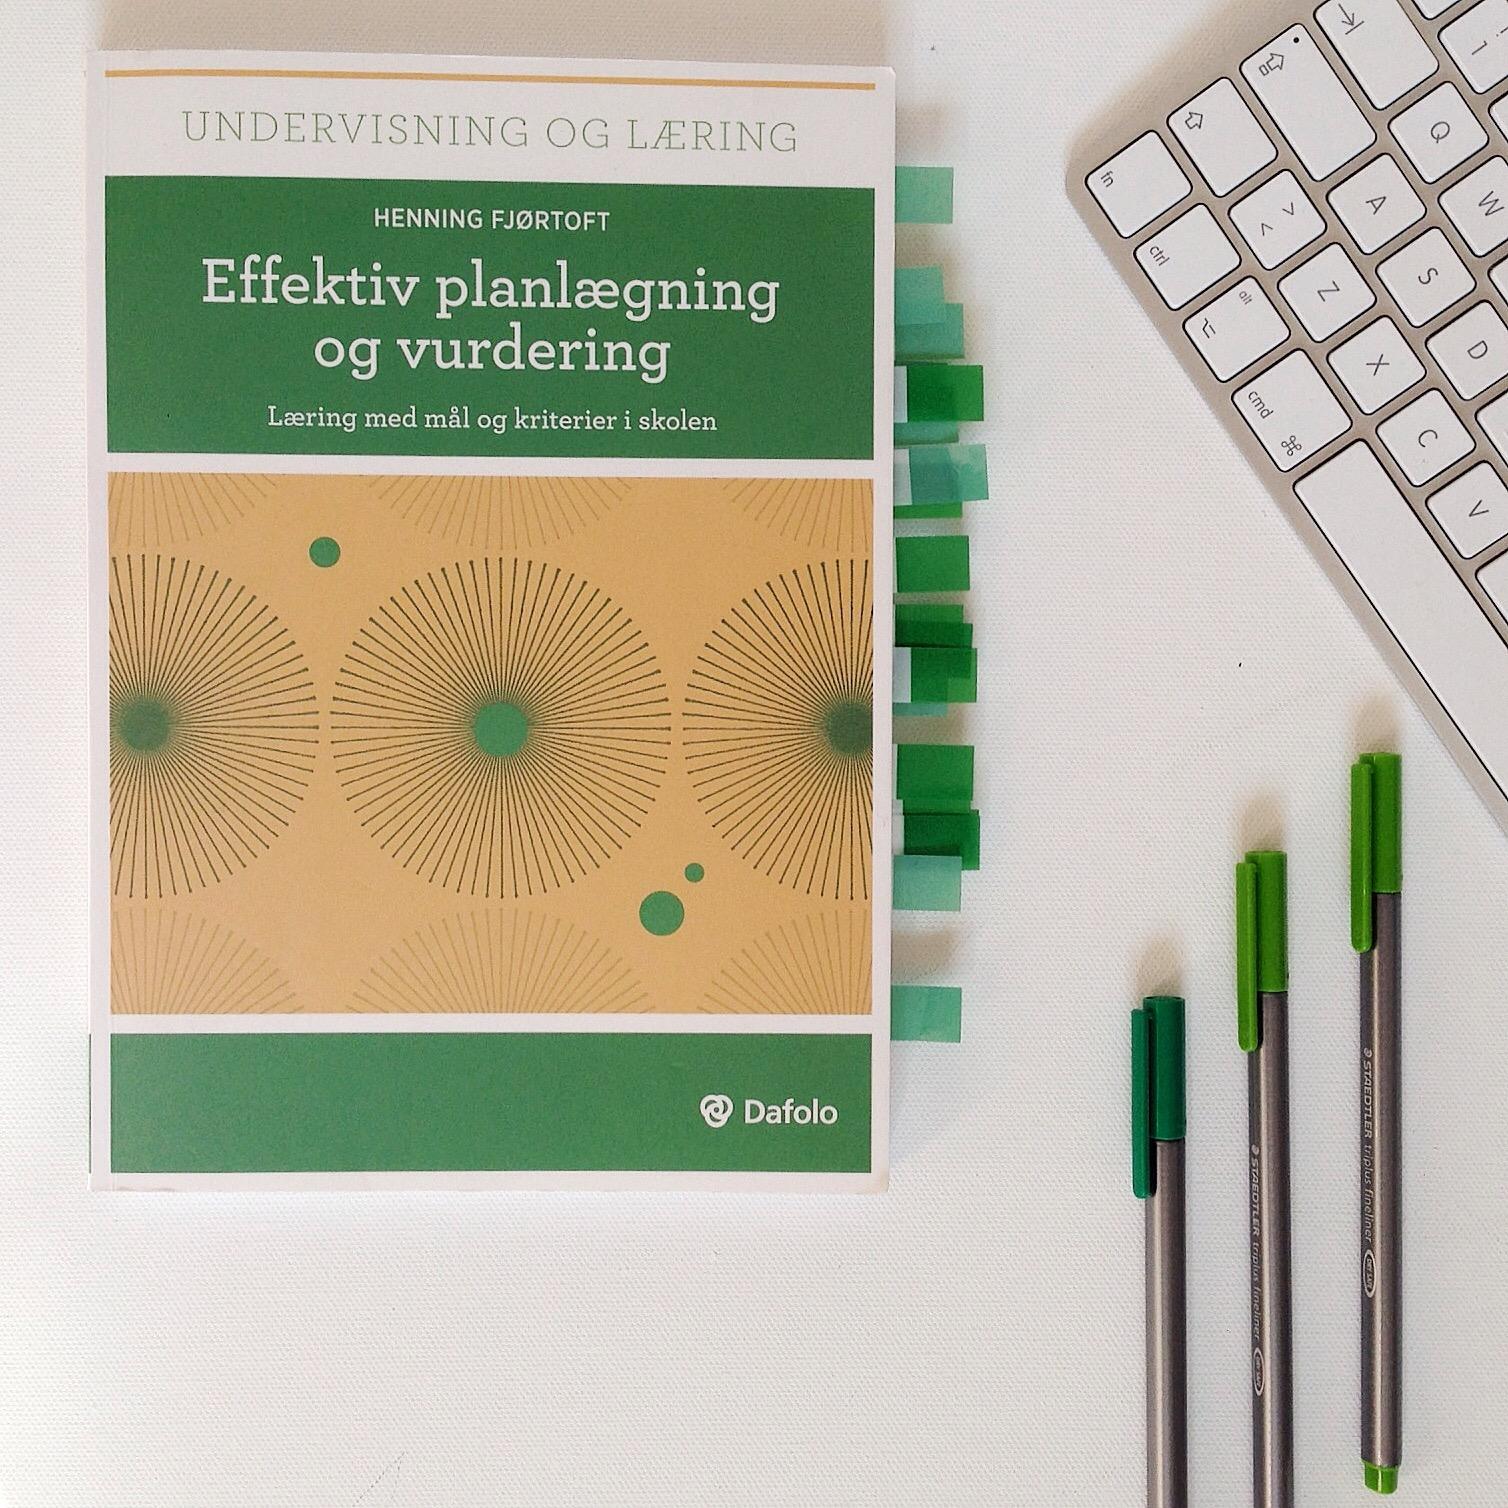 Effektiv planlægning og vurdering, læring med mål og kriterier i skolen, Henning Fjørtoft, Bogoplevelsen